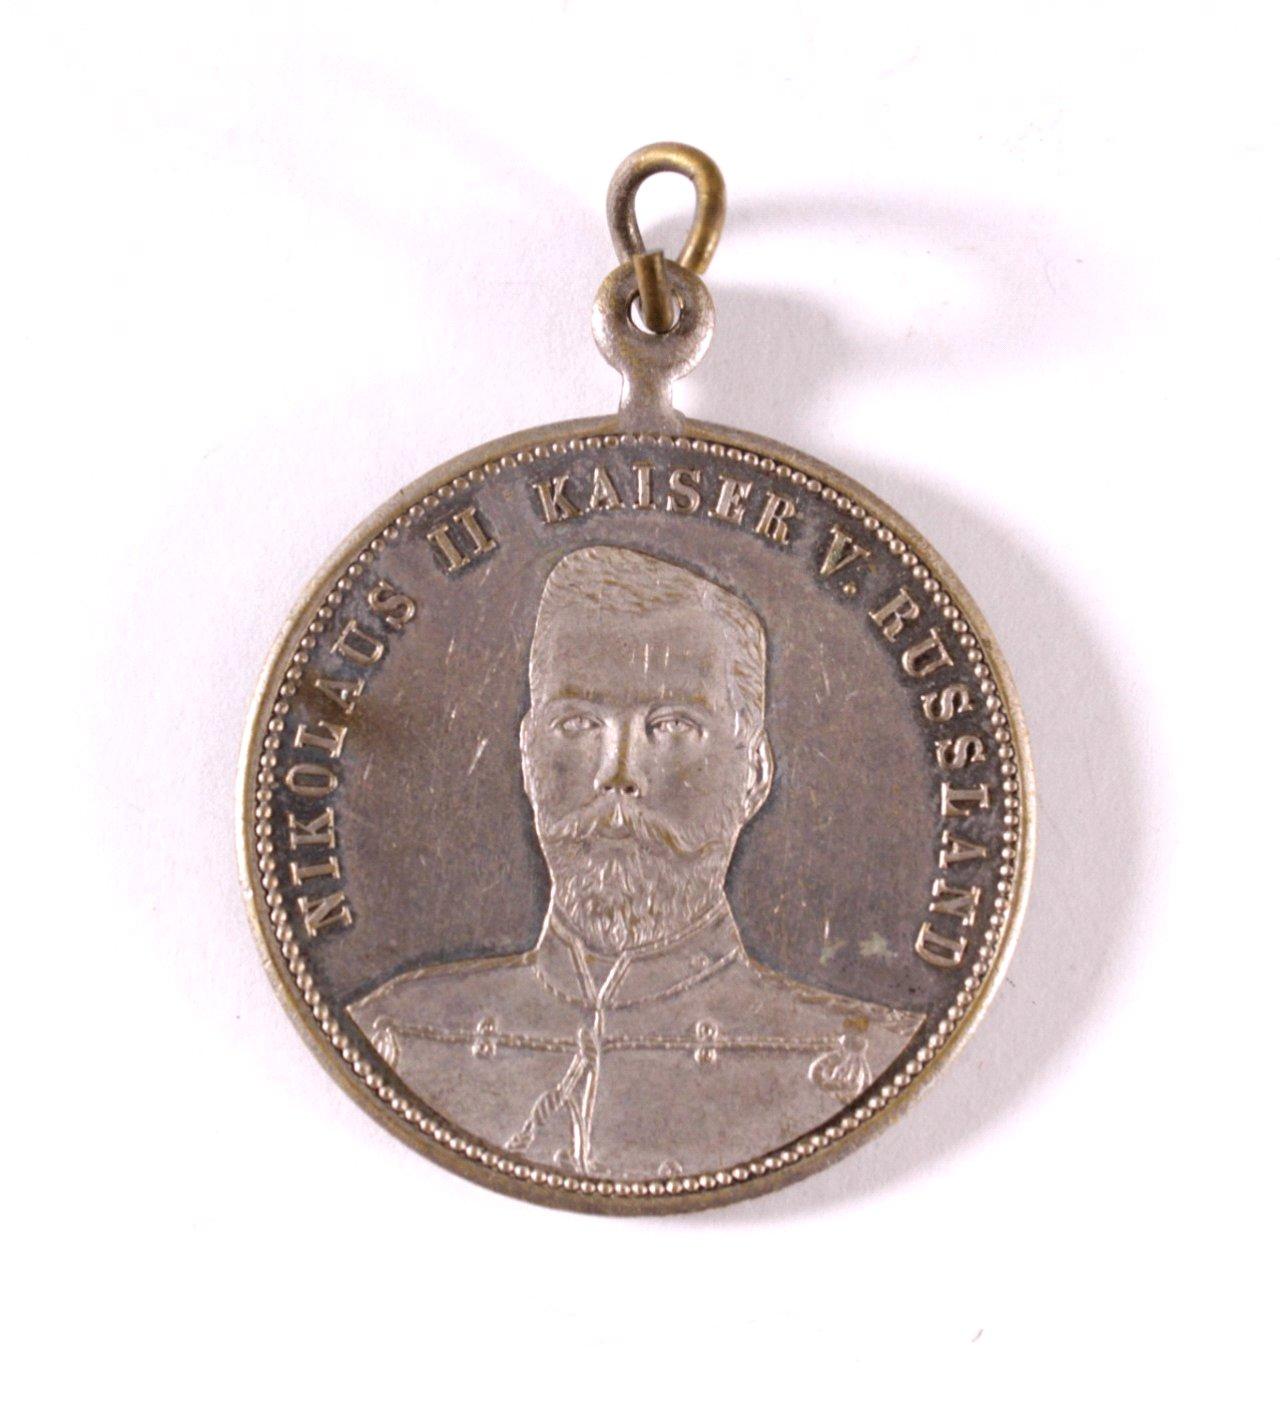 Medaille Erinnerung an das Kaisermanöver Breslau, 1882